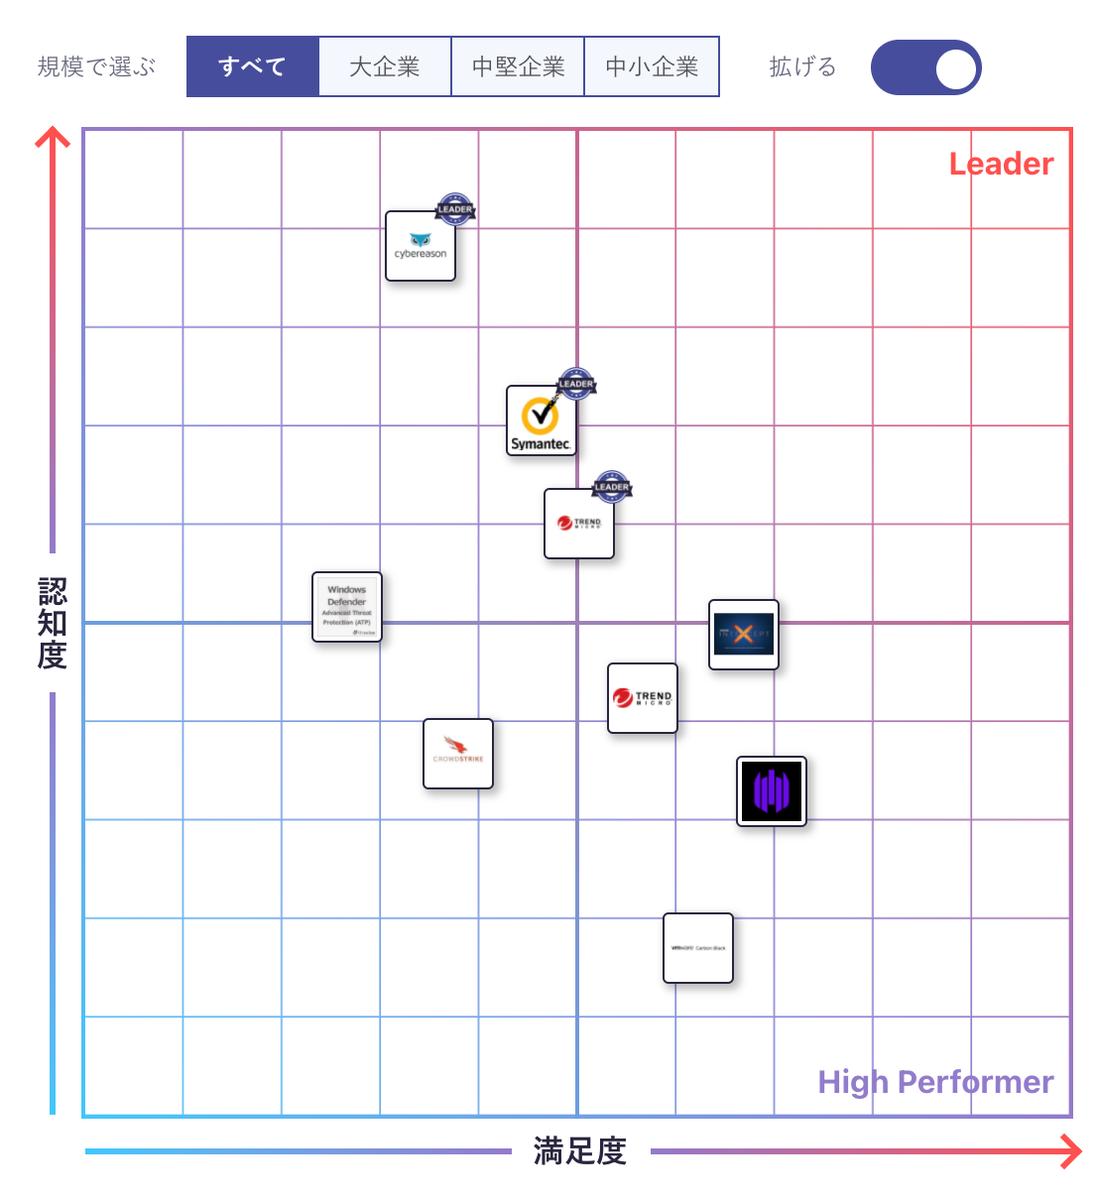 この画像はエンドポイントセキュリティの業界図です。